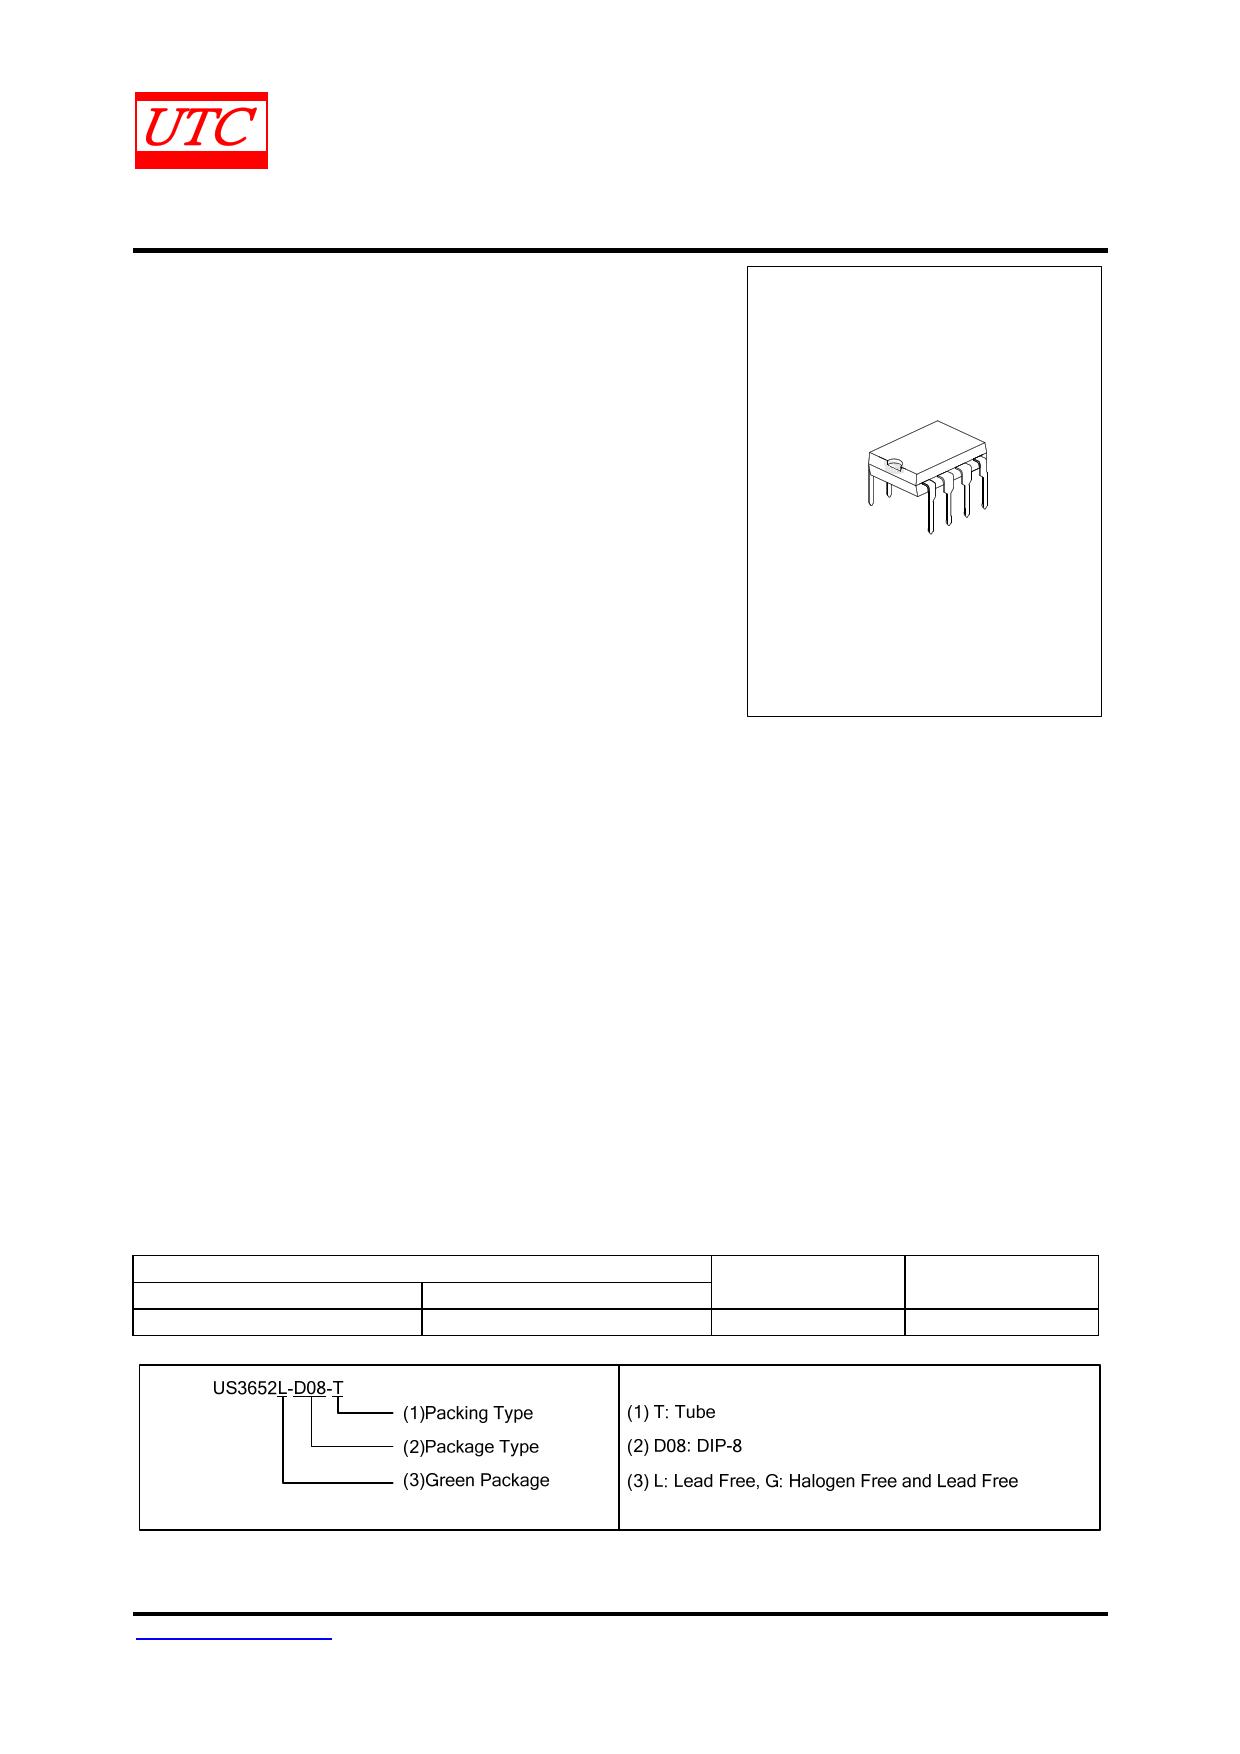 US3652 datasheet